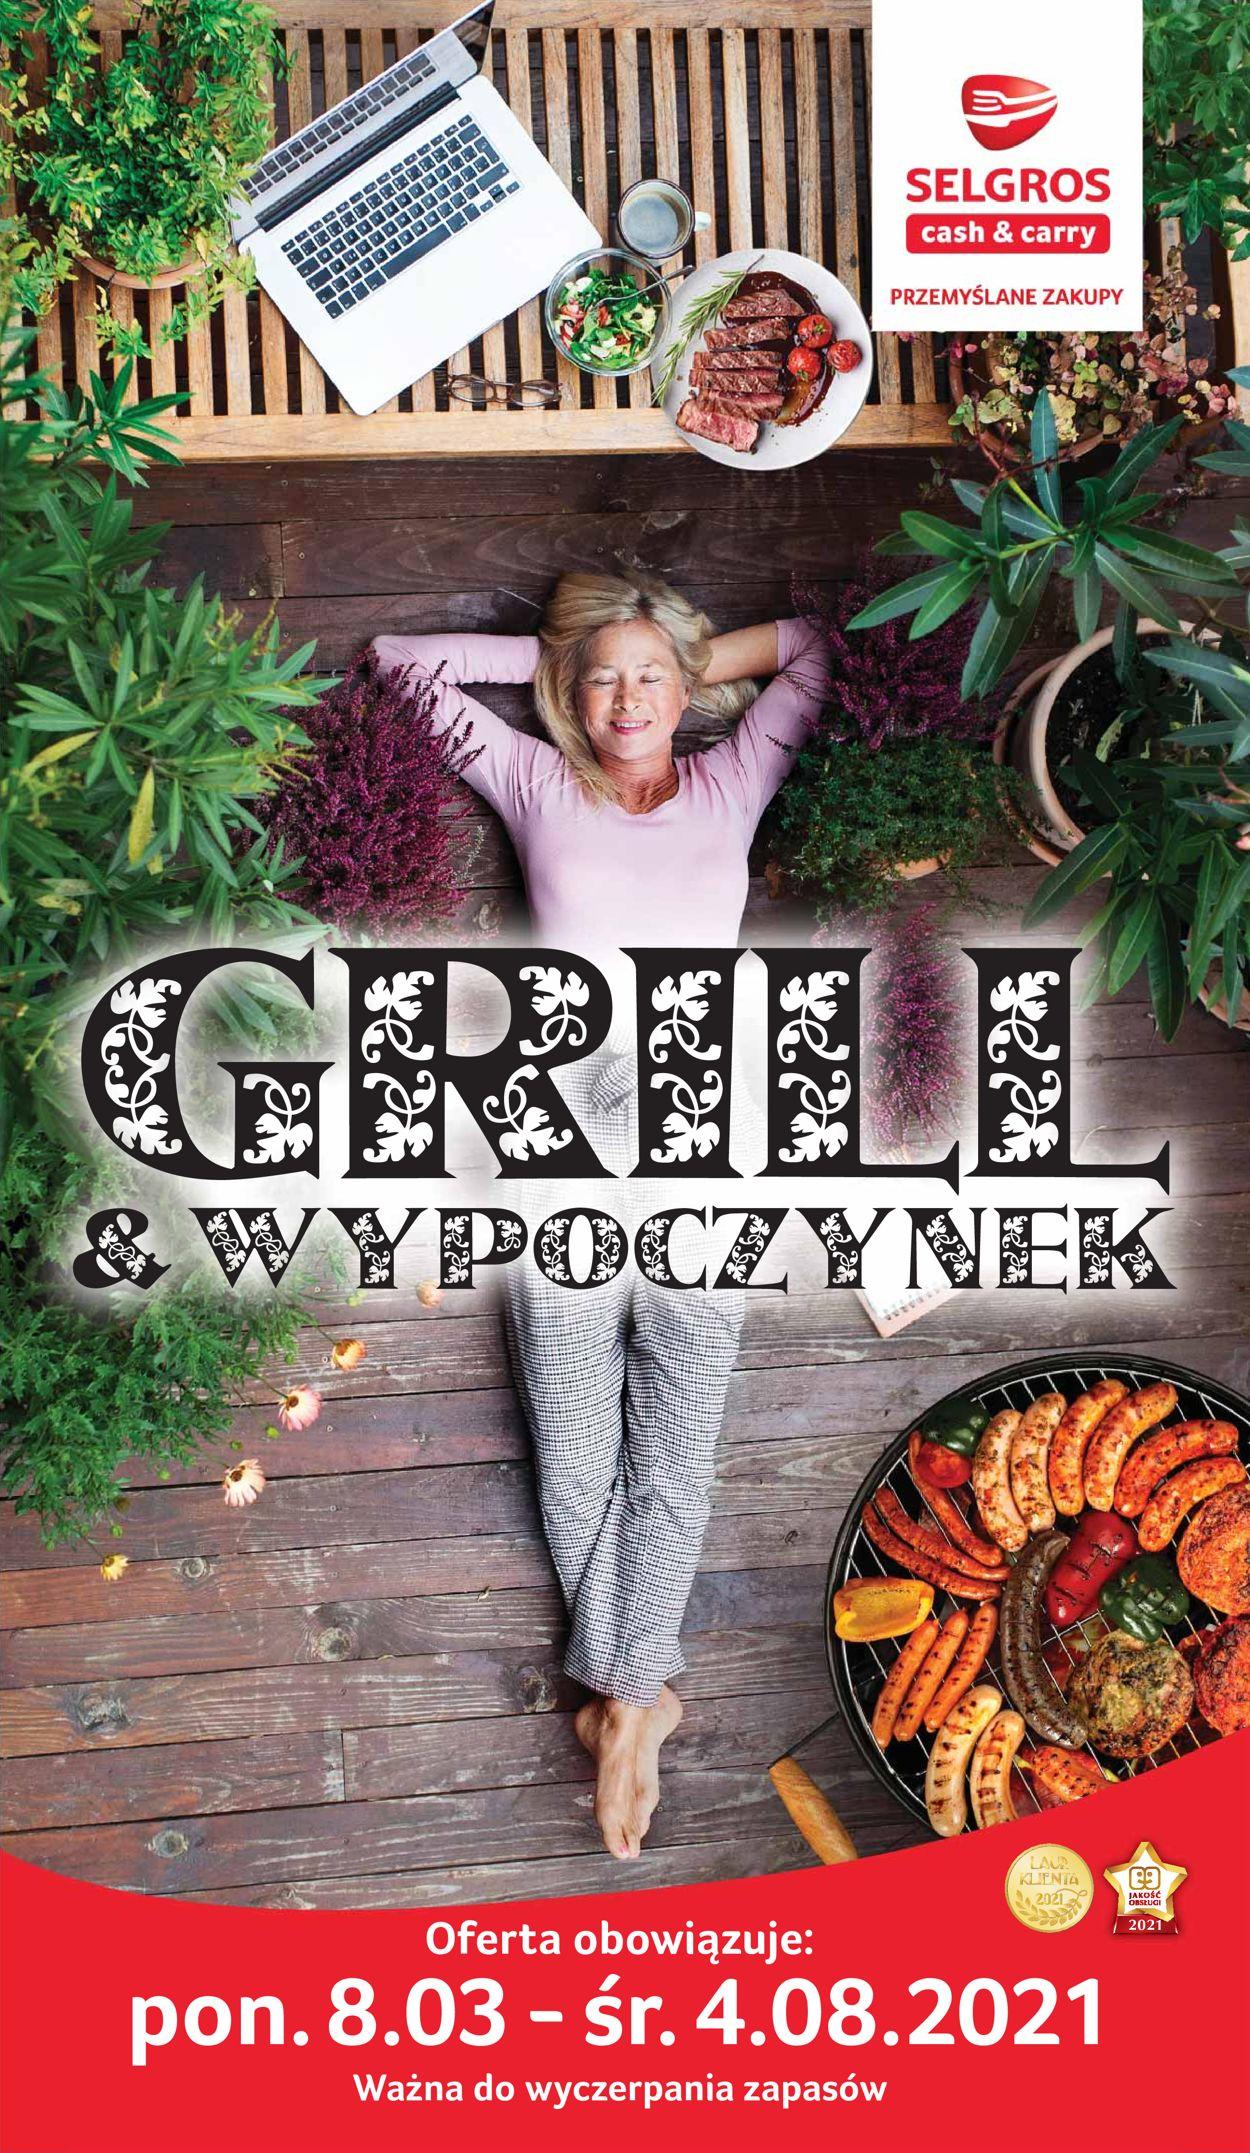 Gazetka promocyjna Selgros Grill & wypoczynek - 08.03-04.08.2021